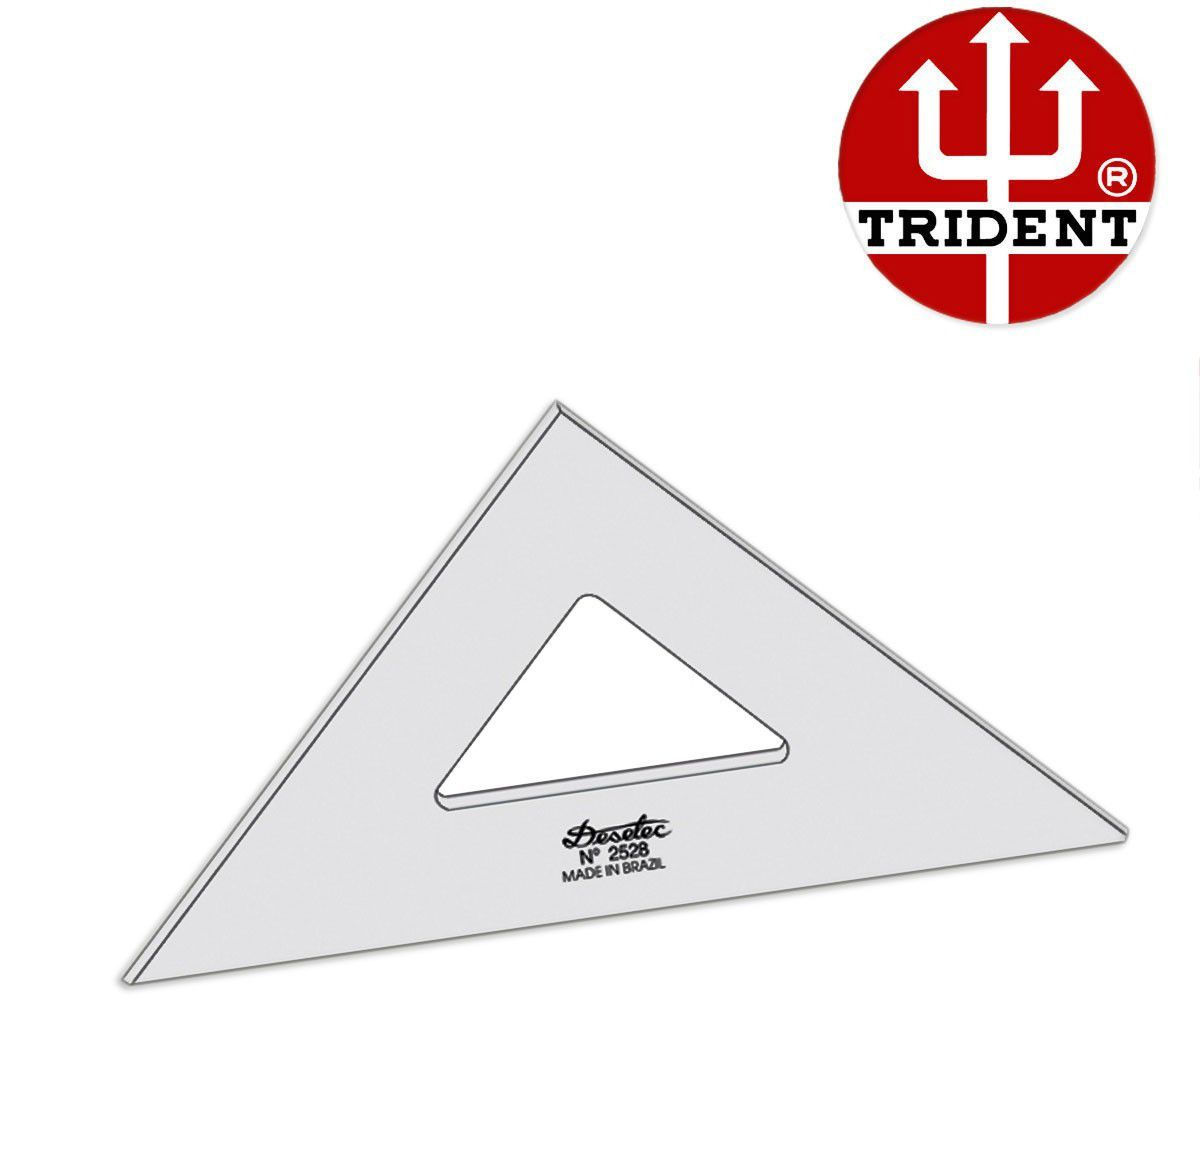 Esquadro de Acrílico Trident 28cm - sem Escala - Ref.2528